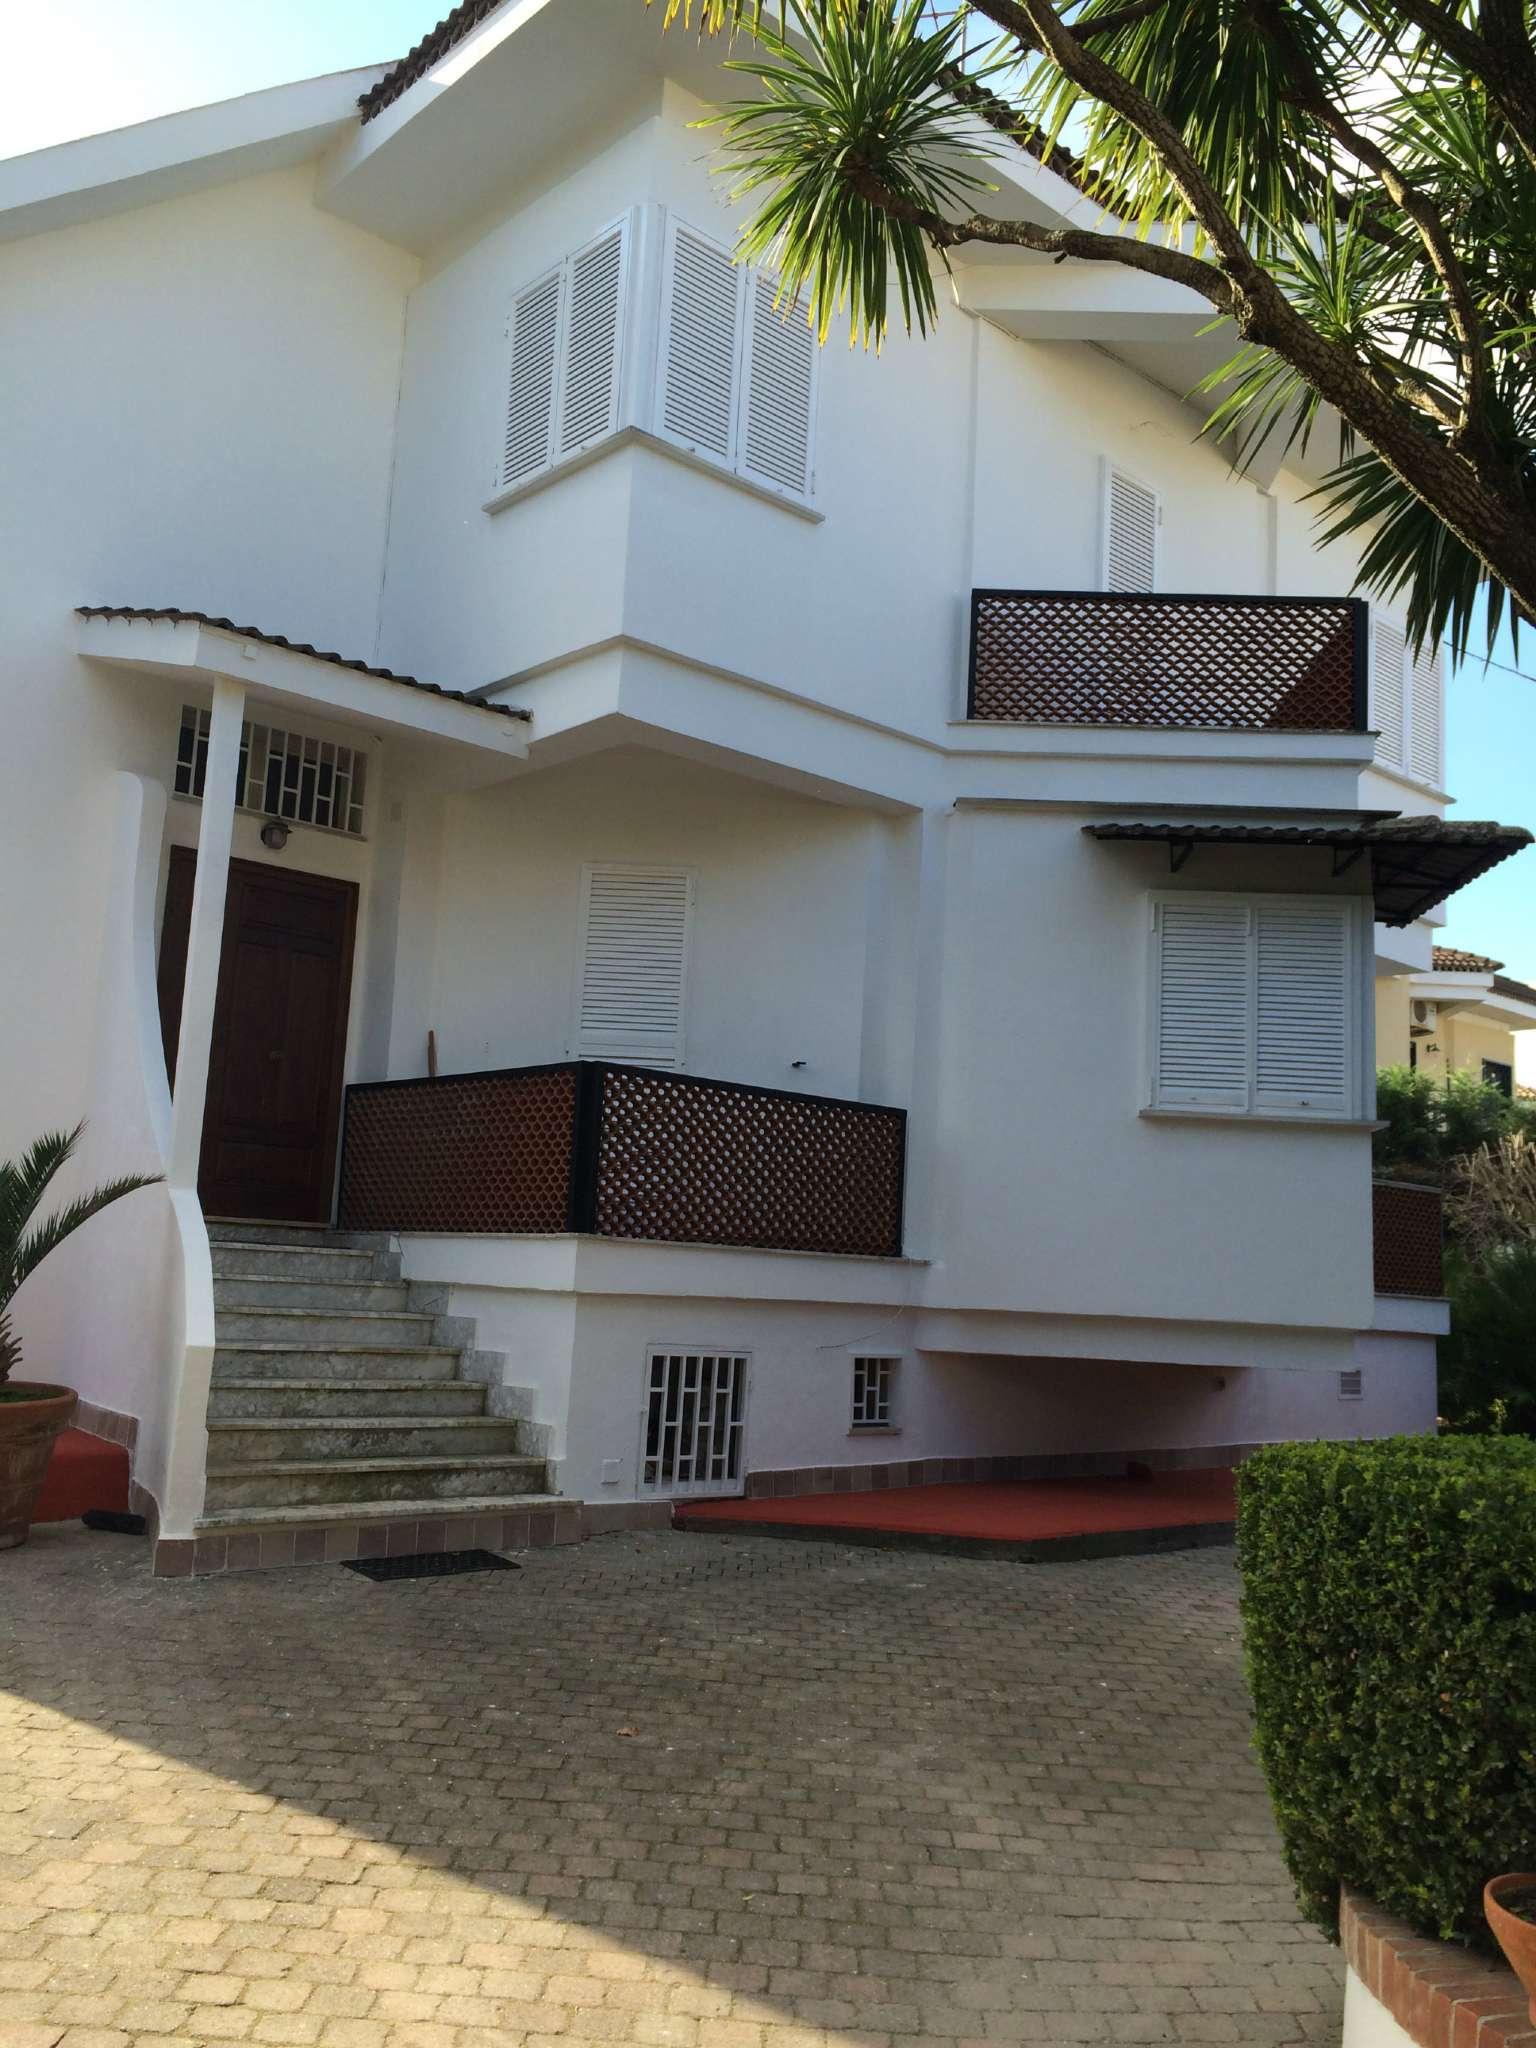 Villa in vendita a Marano di Napoli, 6 locali, prezzo € 490.000 | Cambio Casa.it